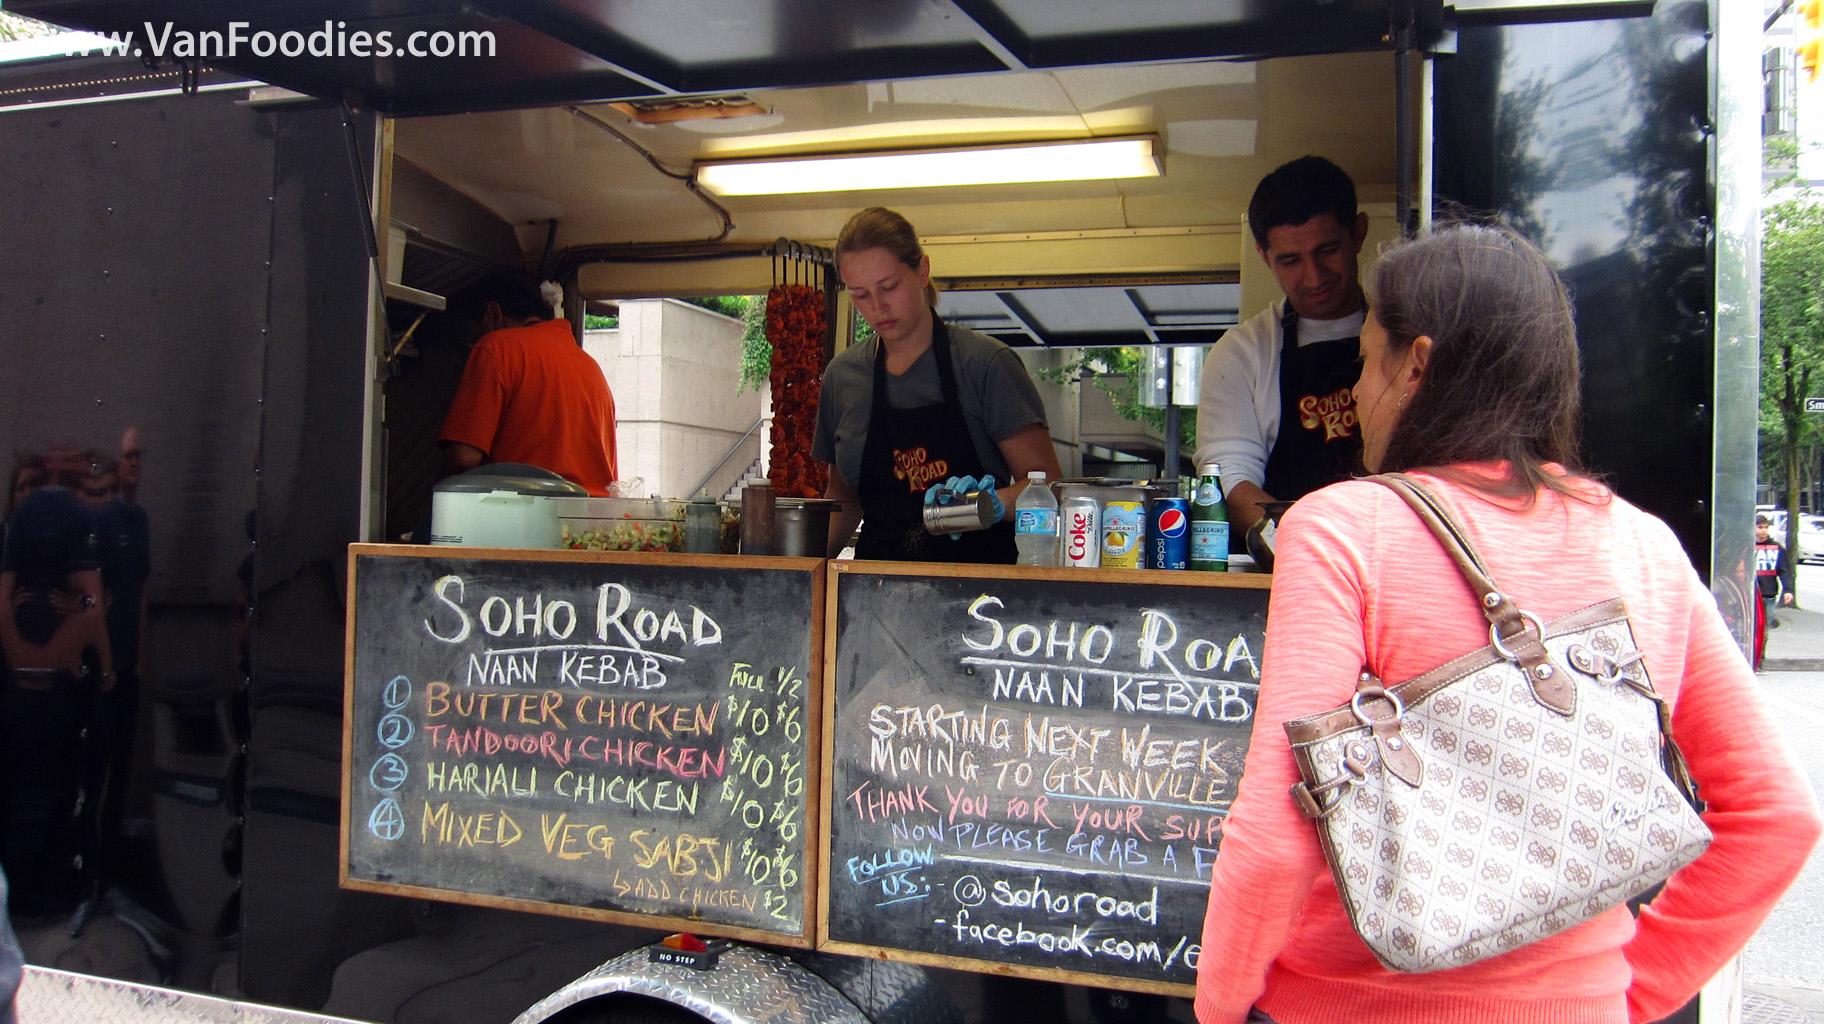 Soho Road Naan Kebab